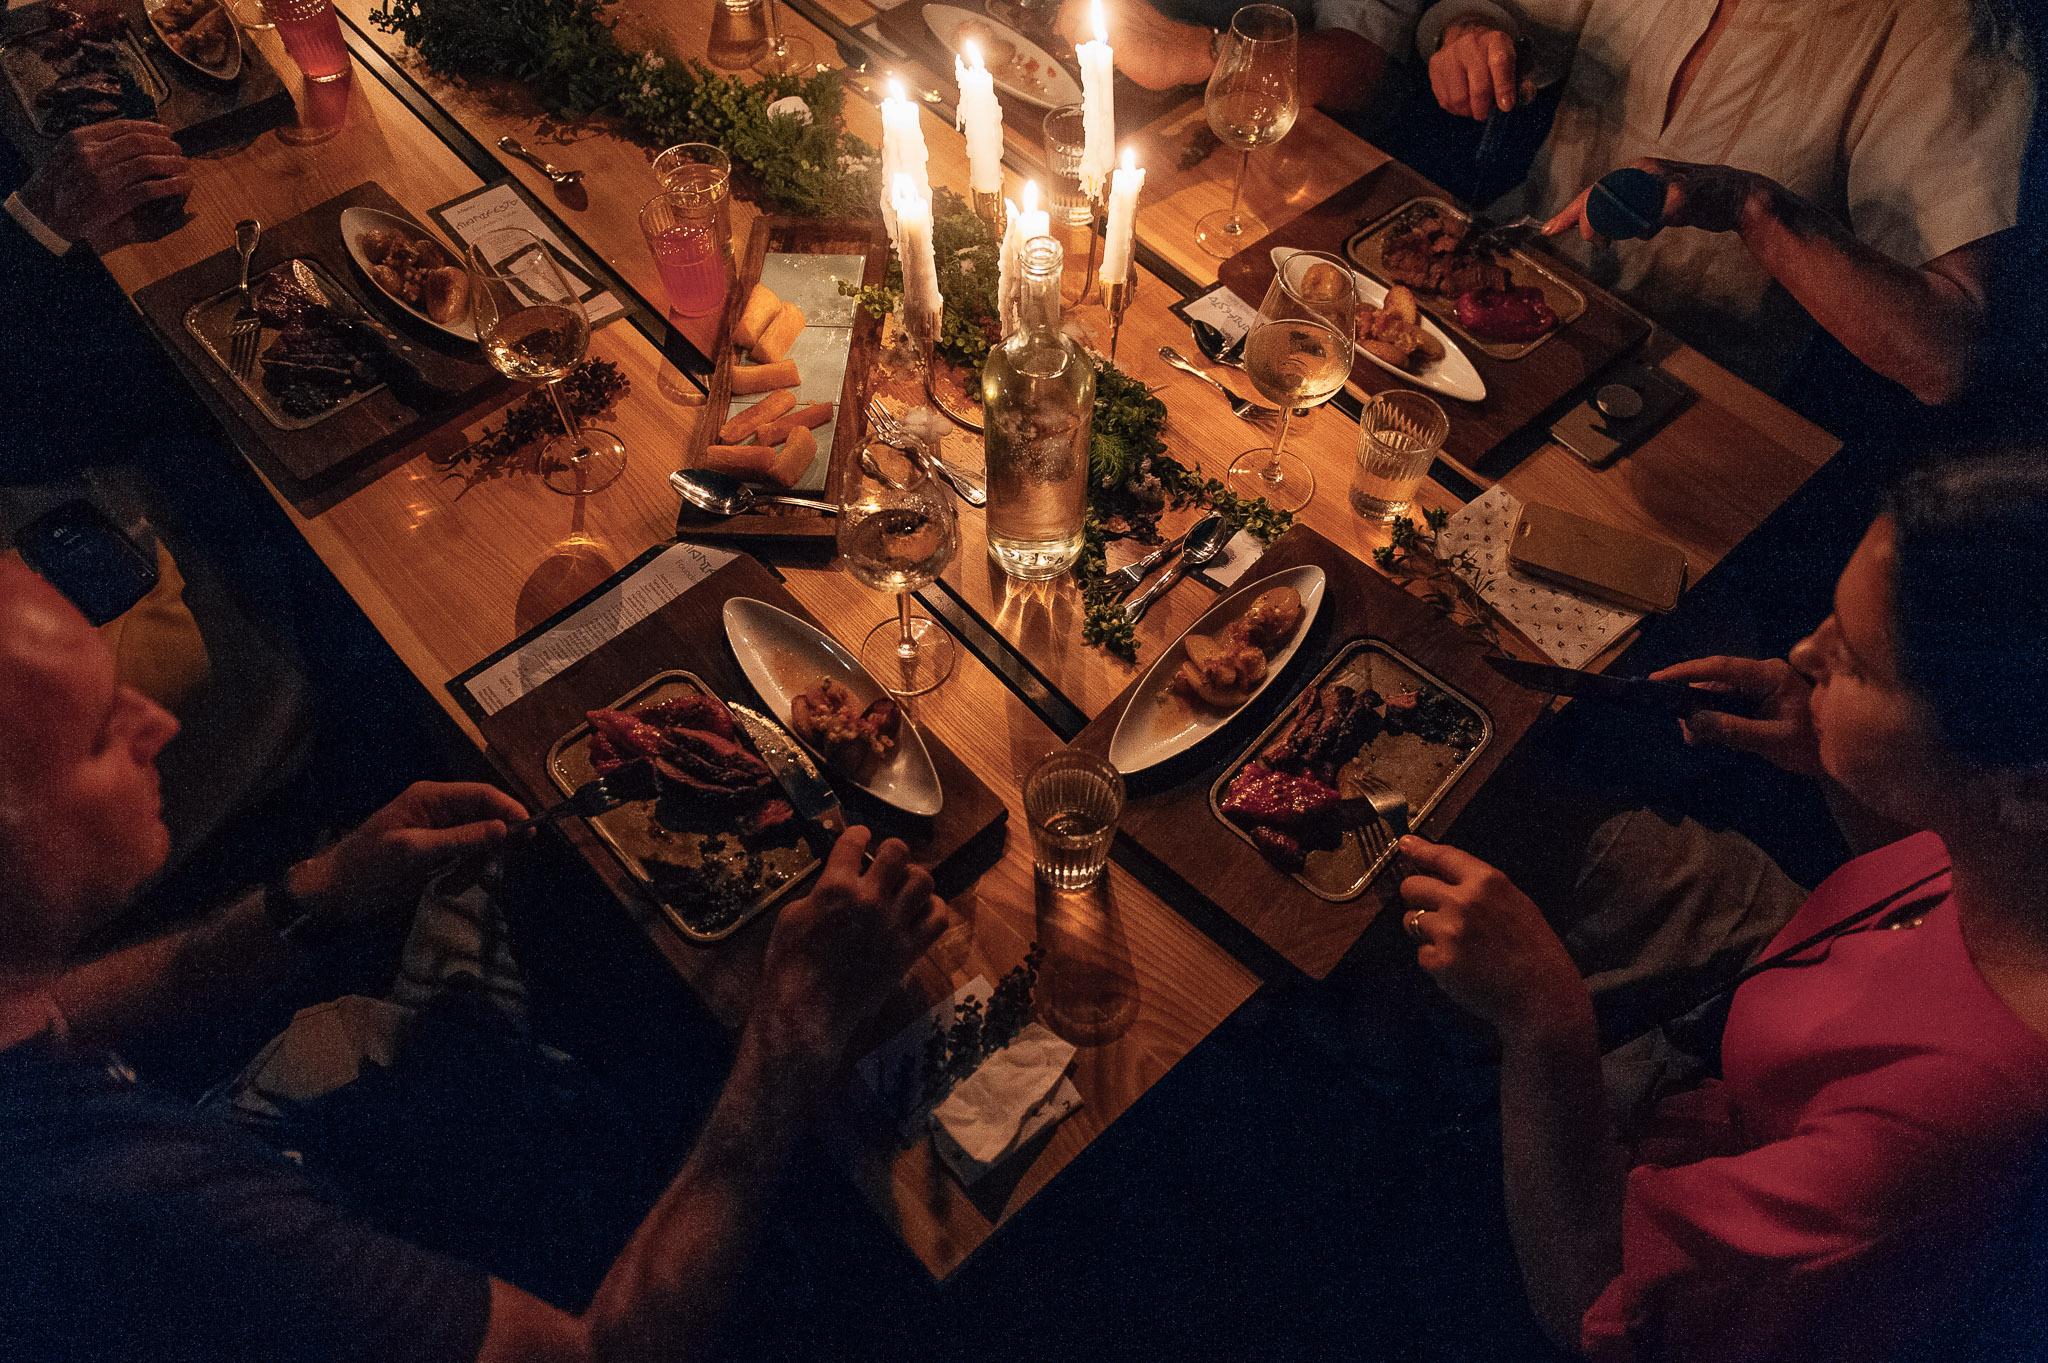 manifesto-market-founders-dinner-WEB-3890.jpg